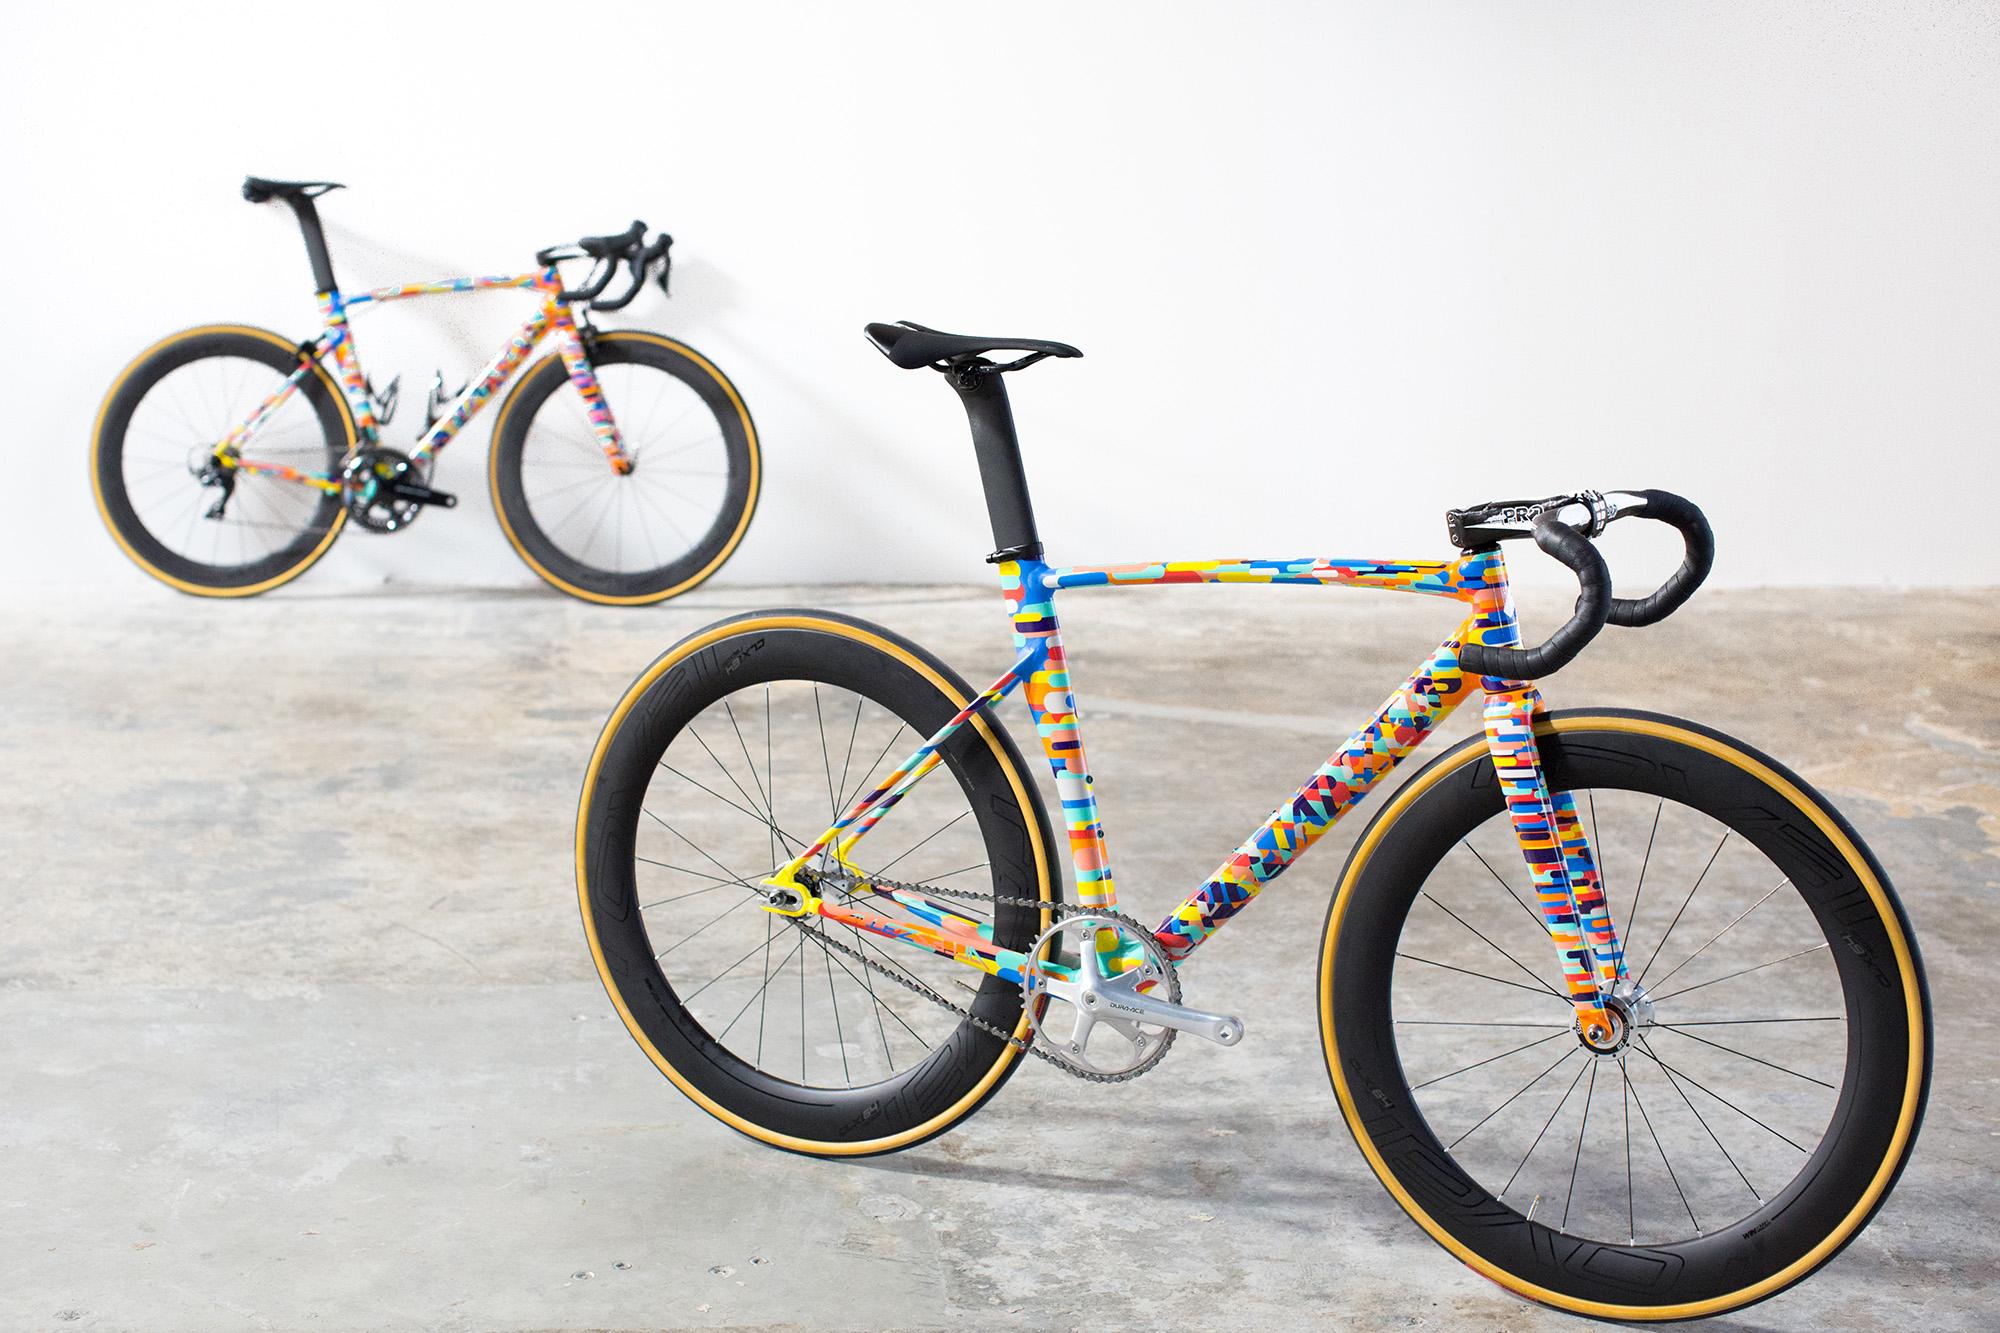 Specialized track bike